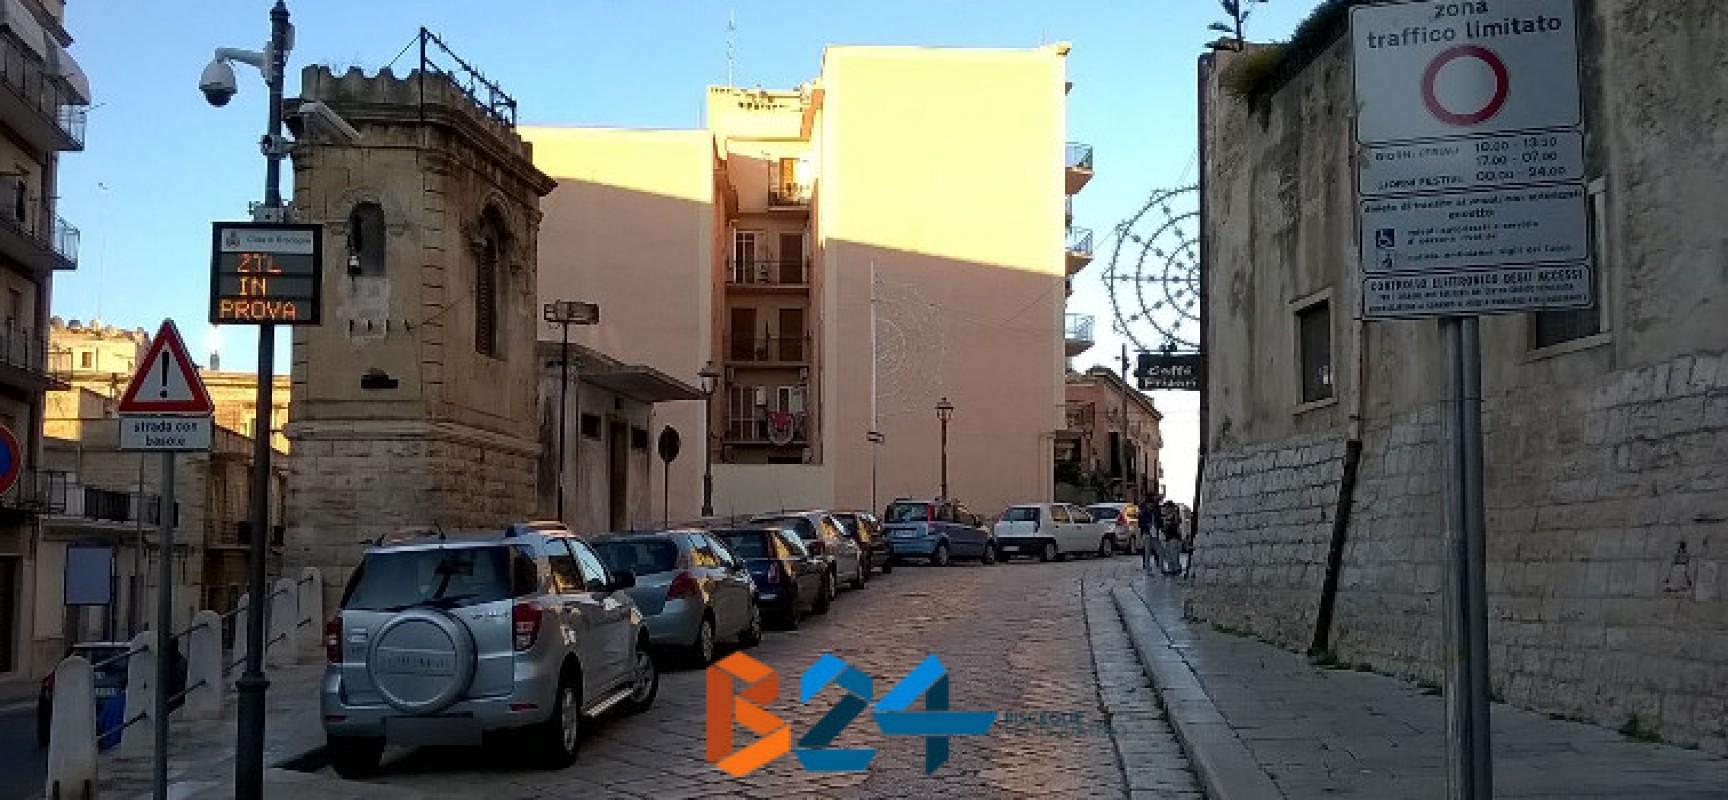 Zona a traffico limitato nel centro storico prorogata di un mese